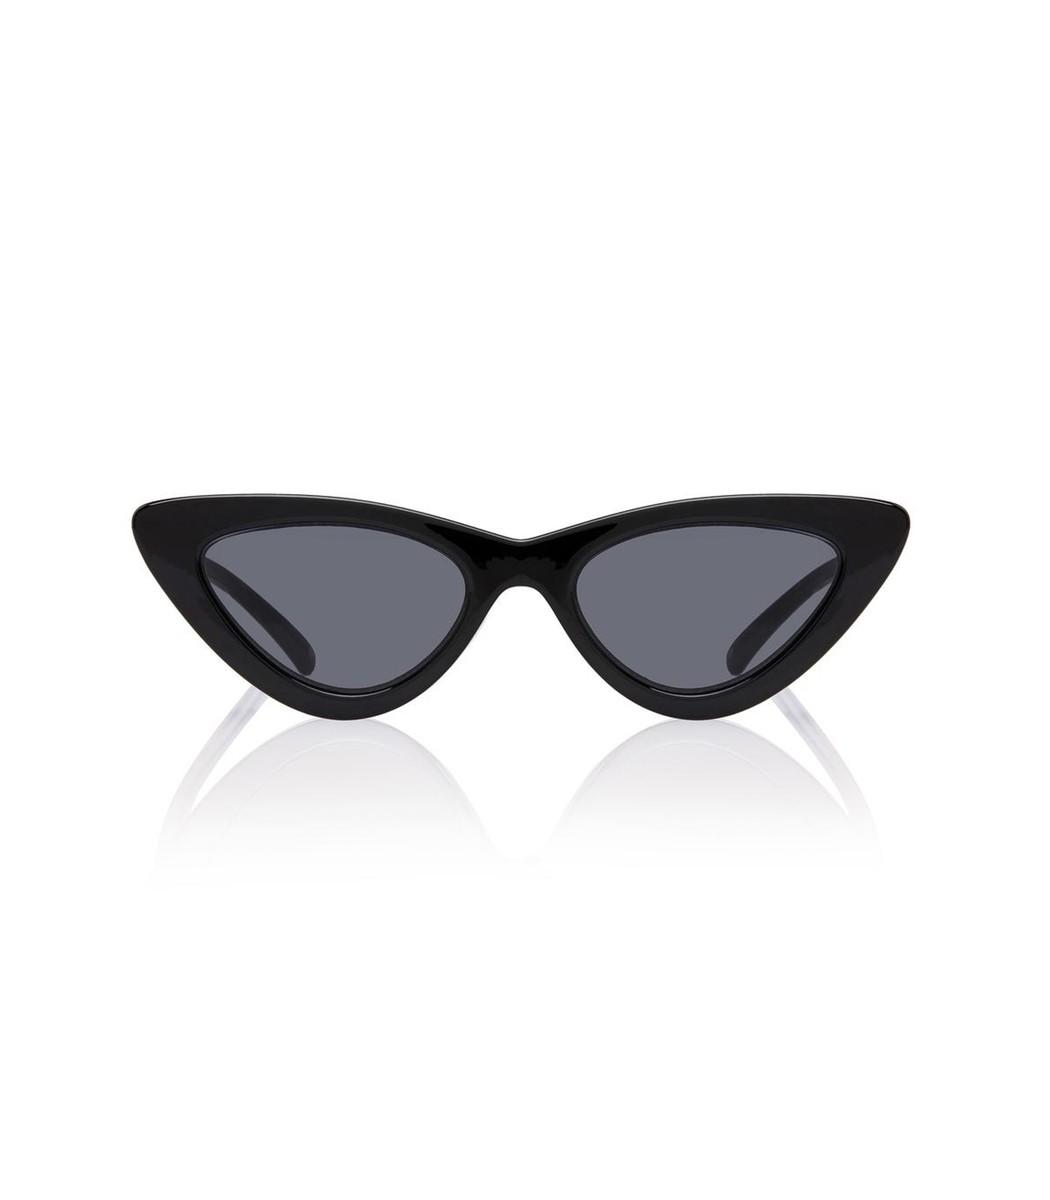 Le Specs Sunglasses The Last Lolita Sunglasses in Black